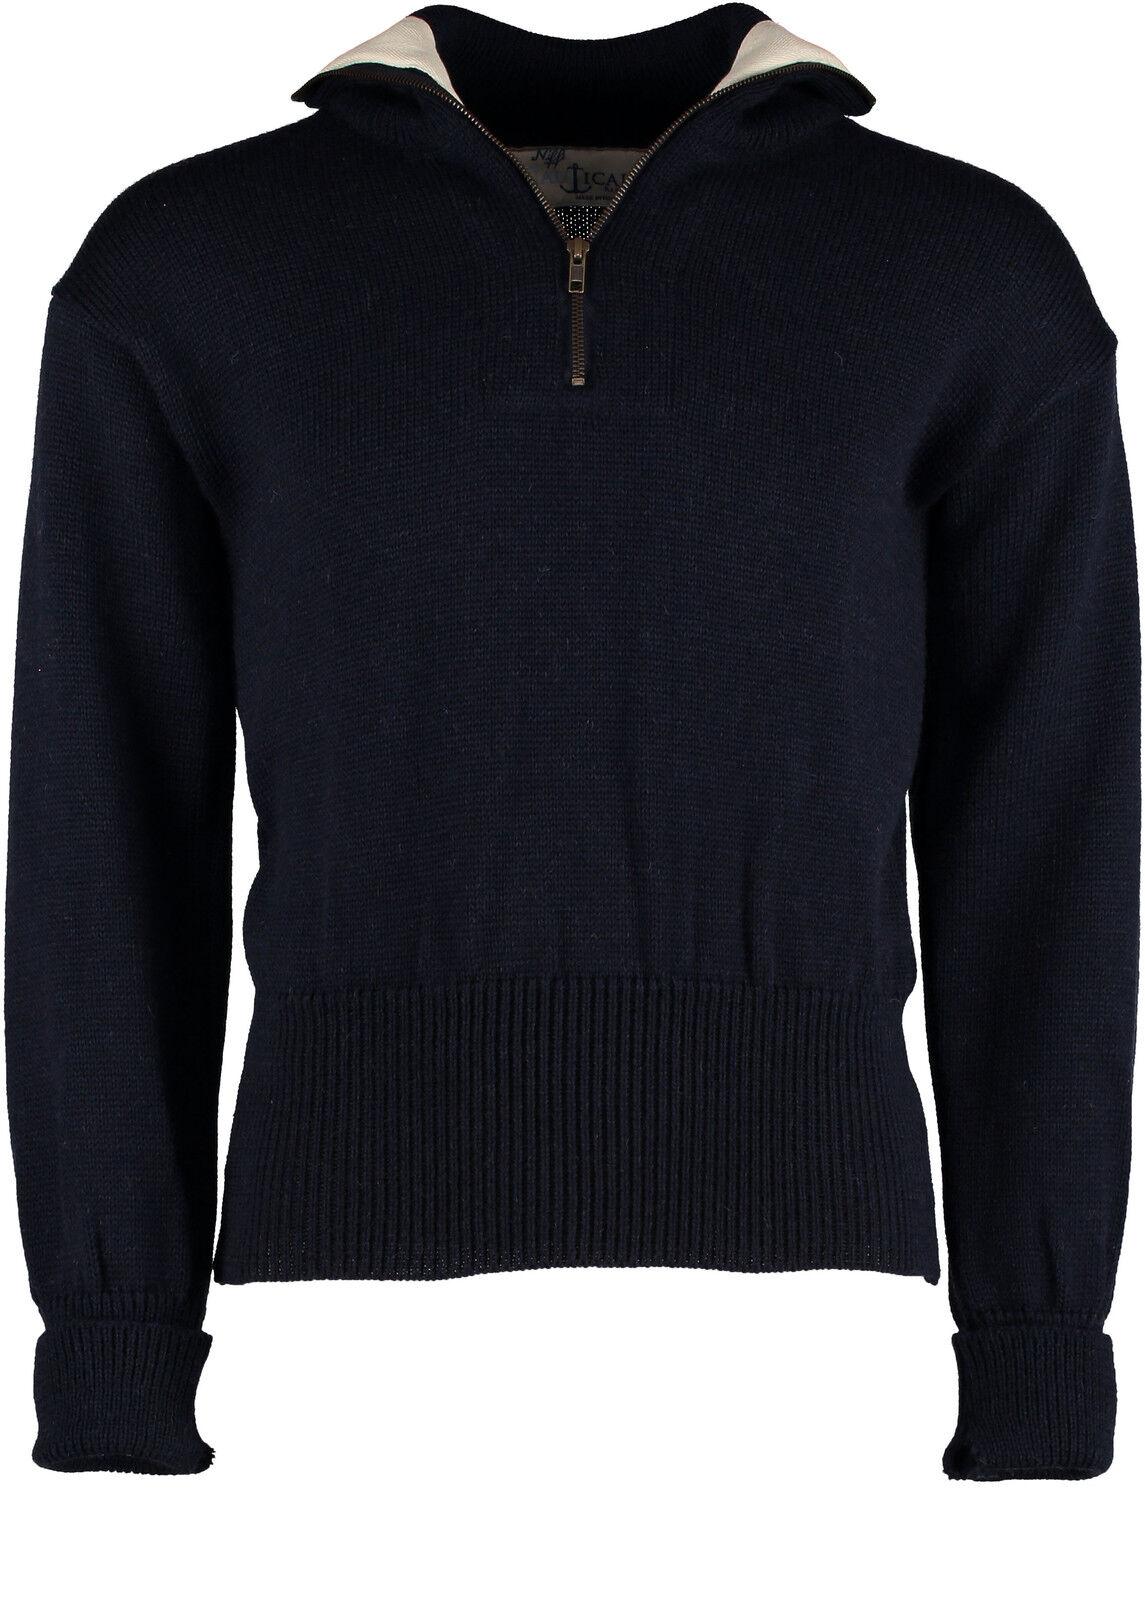 verdewich 100% Puro Nuova Lana Britannica 1 4 ZIP Il Marinaio's Sweater (41029)